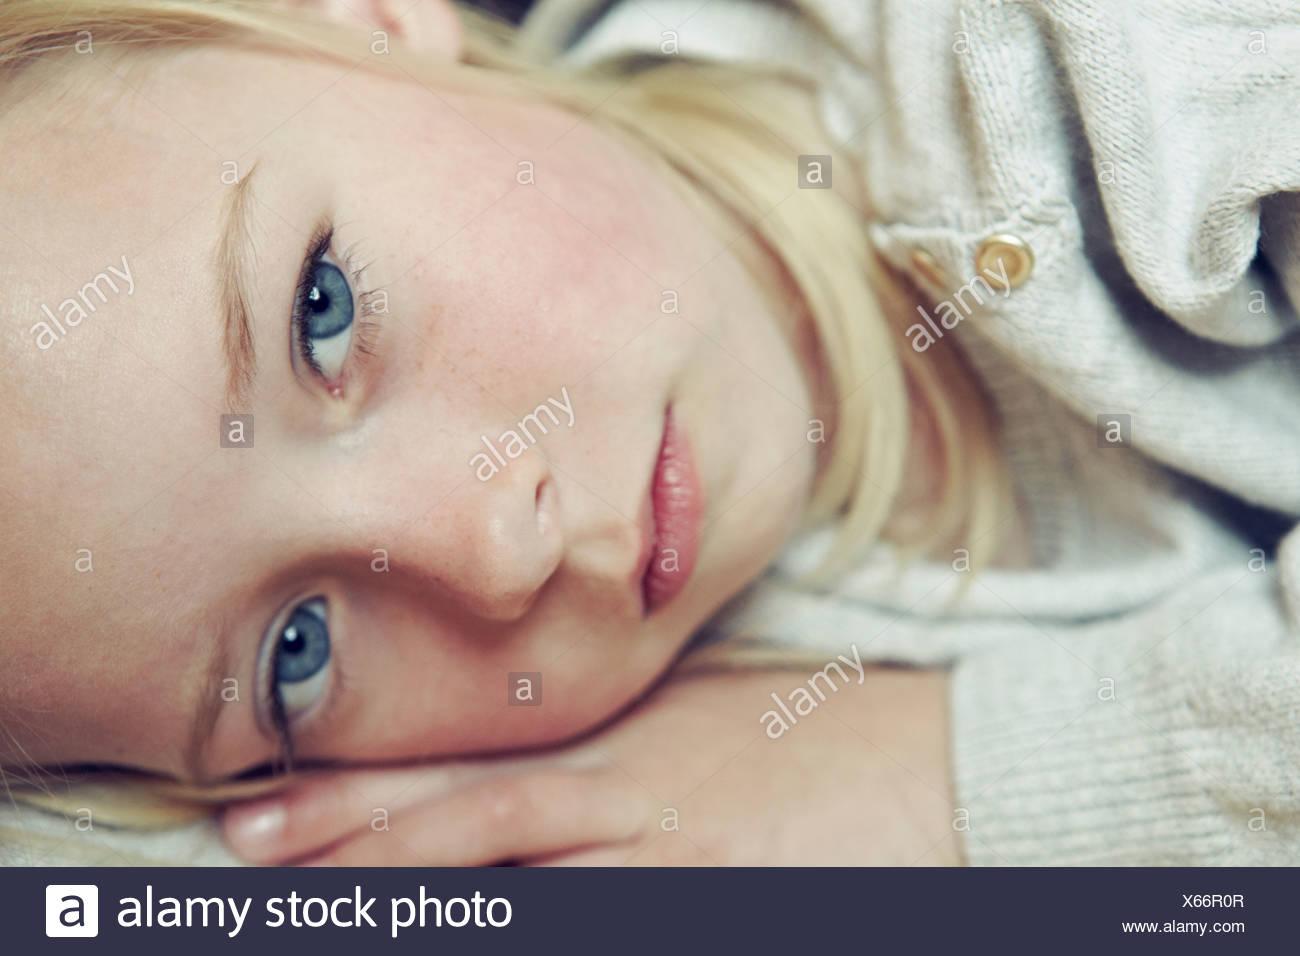 Joven acostado en el lateral, una foto de aproximación, retrato Imagen De Stock